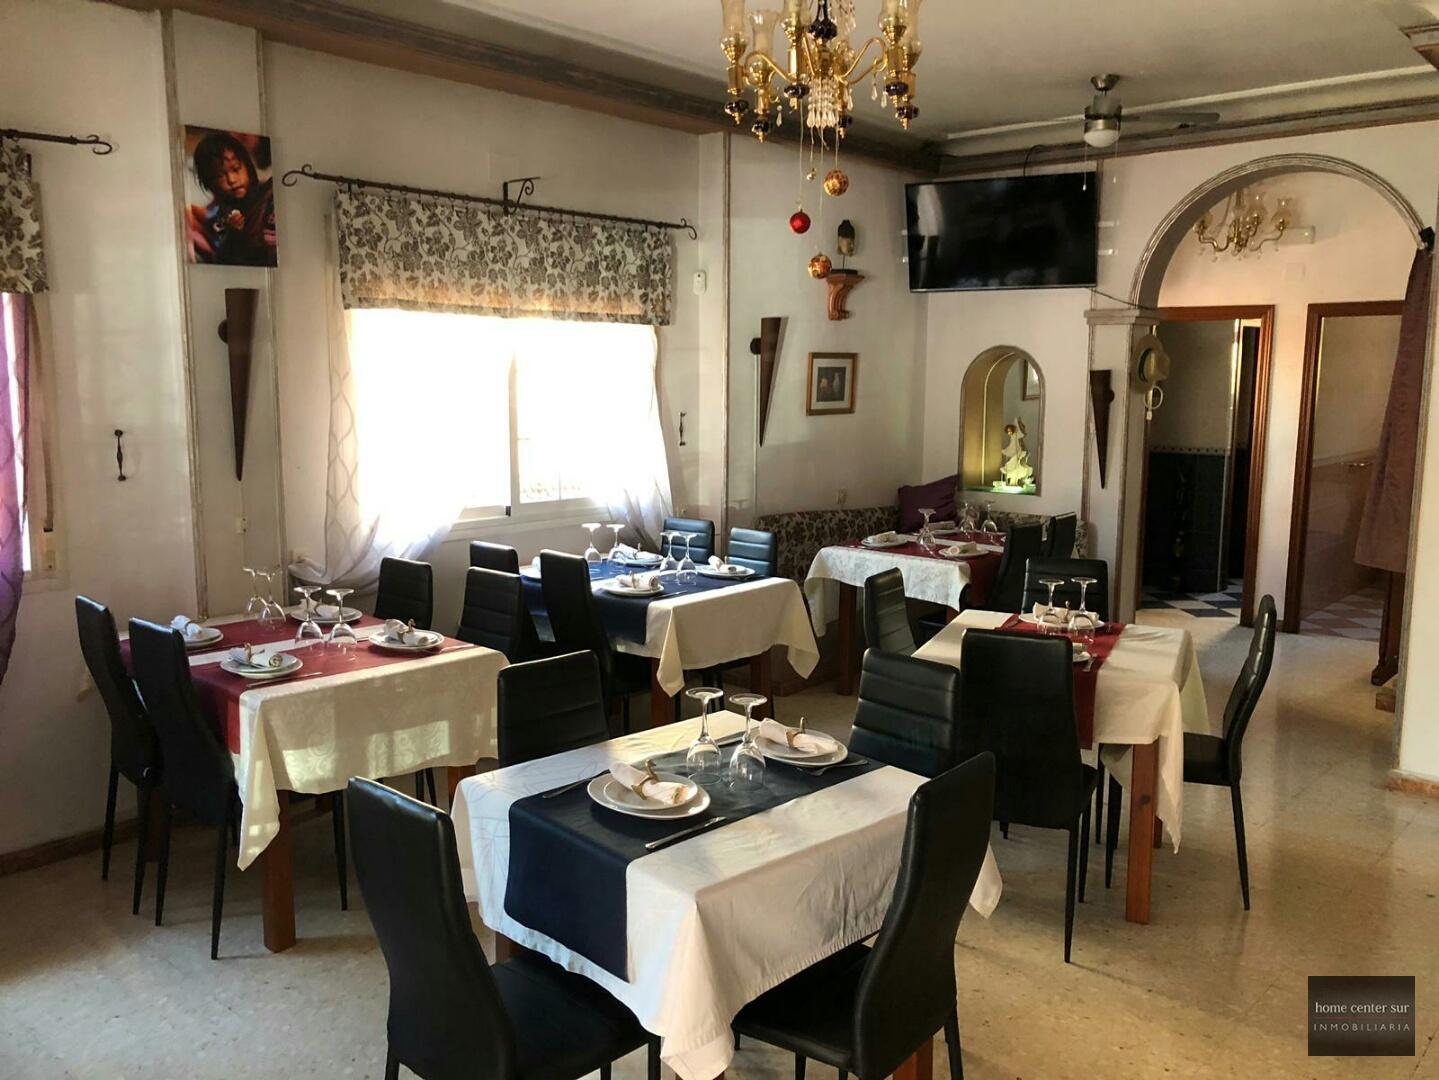 Restaurantes en alquiler en Avenida Nuestro Padre Jesús Cautivo 1 (Fuengirola), 1.100 €/mes